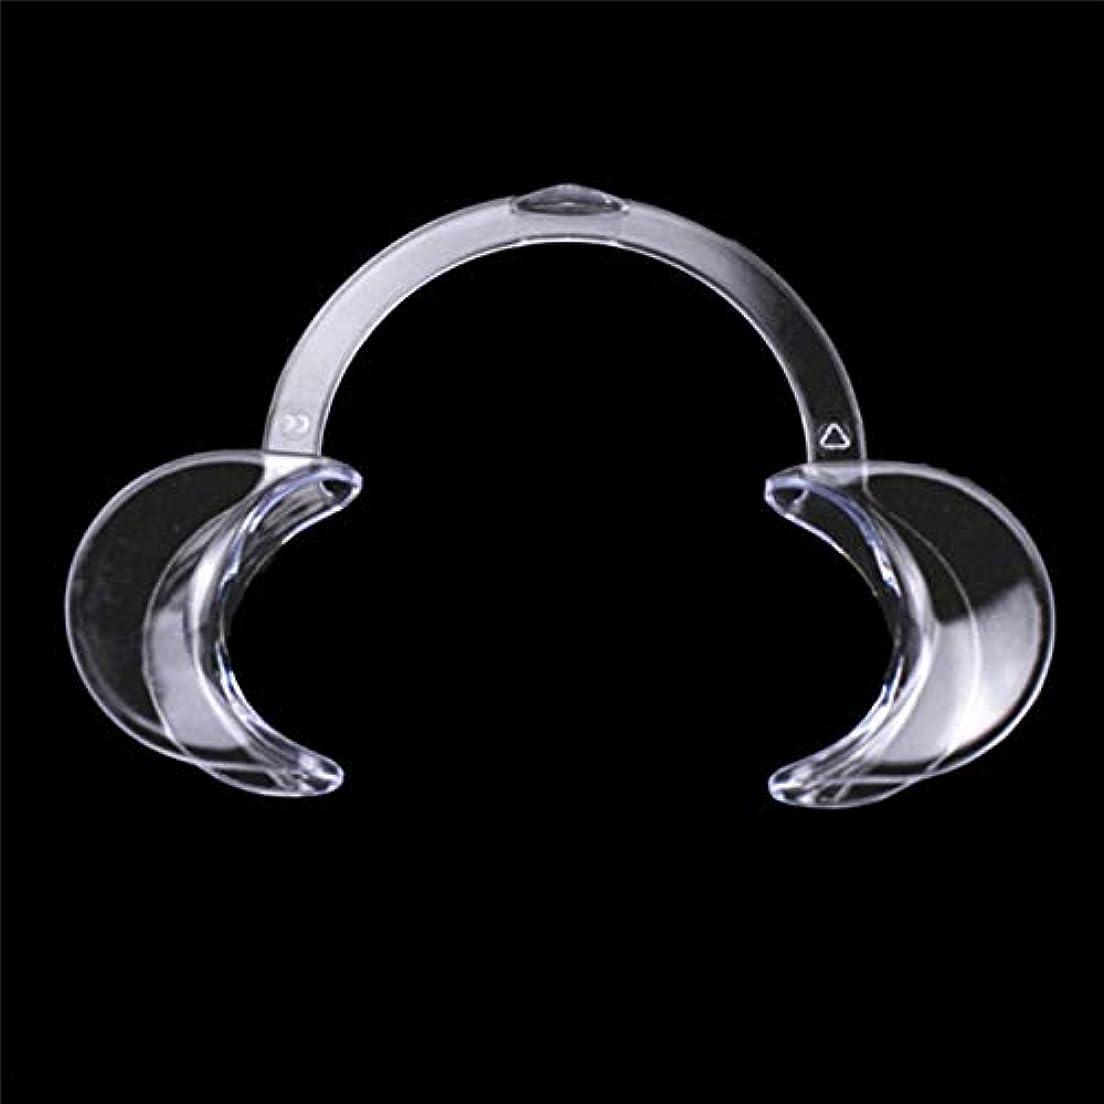 同等の趣味ビザDC パック 歯科 C型 開口器 口オープナー マウスオープナー 開口マウスオープナー C型ホワイトニング口の開創器